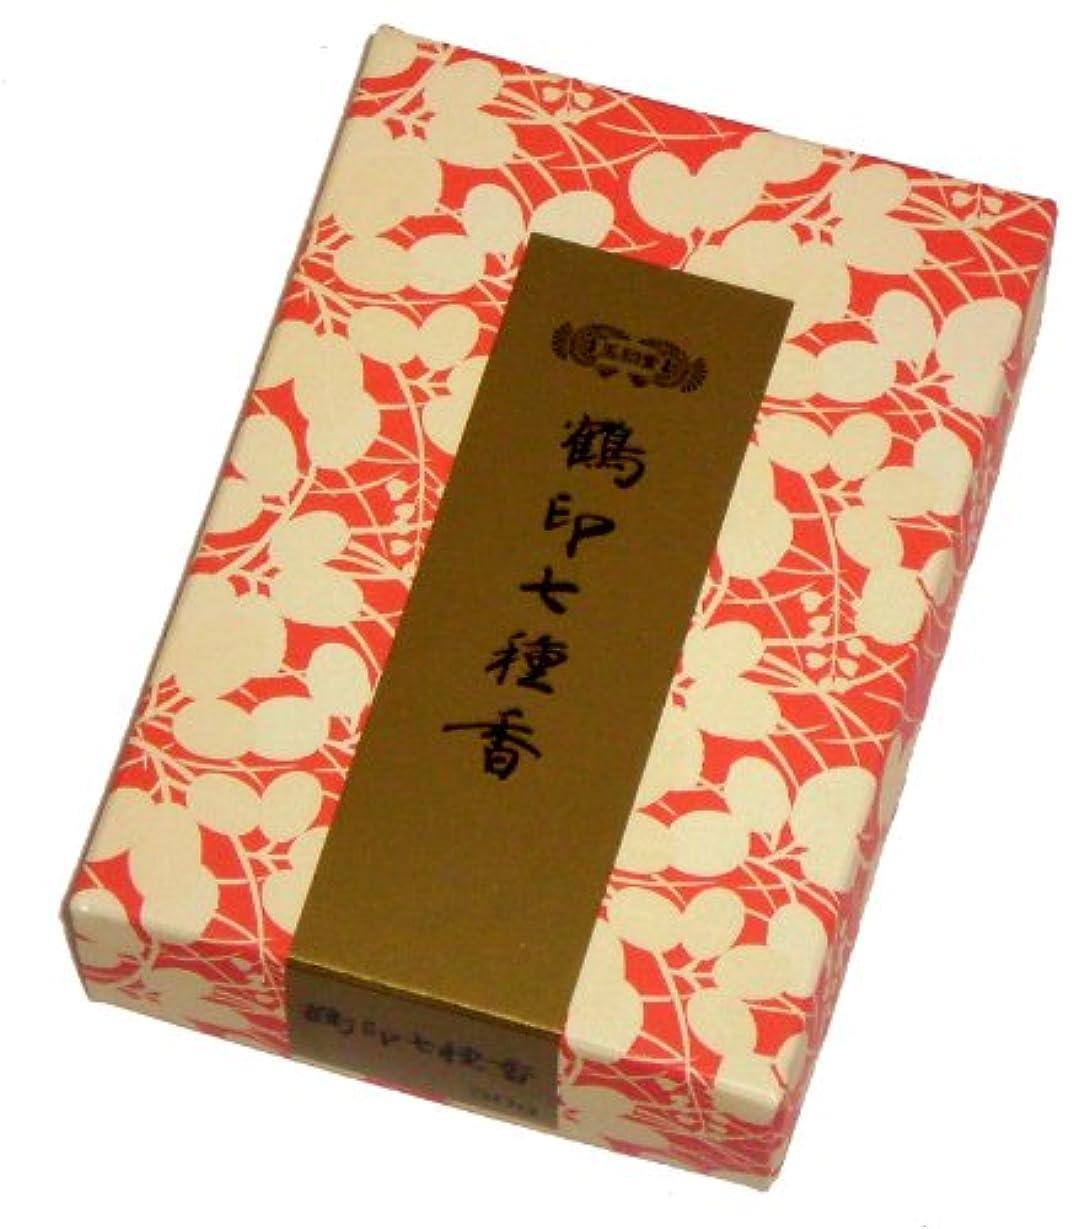 試用アラームハンカチ玉初堂のお香 鶴印七種香 30g #675